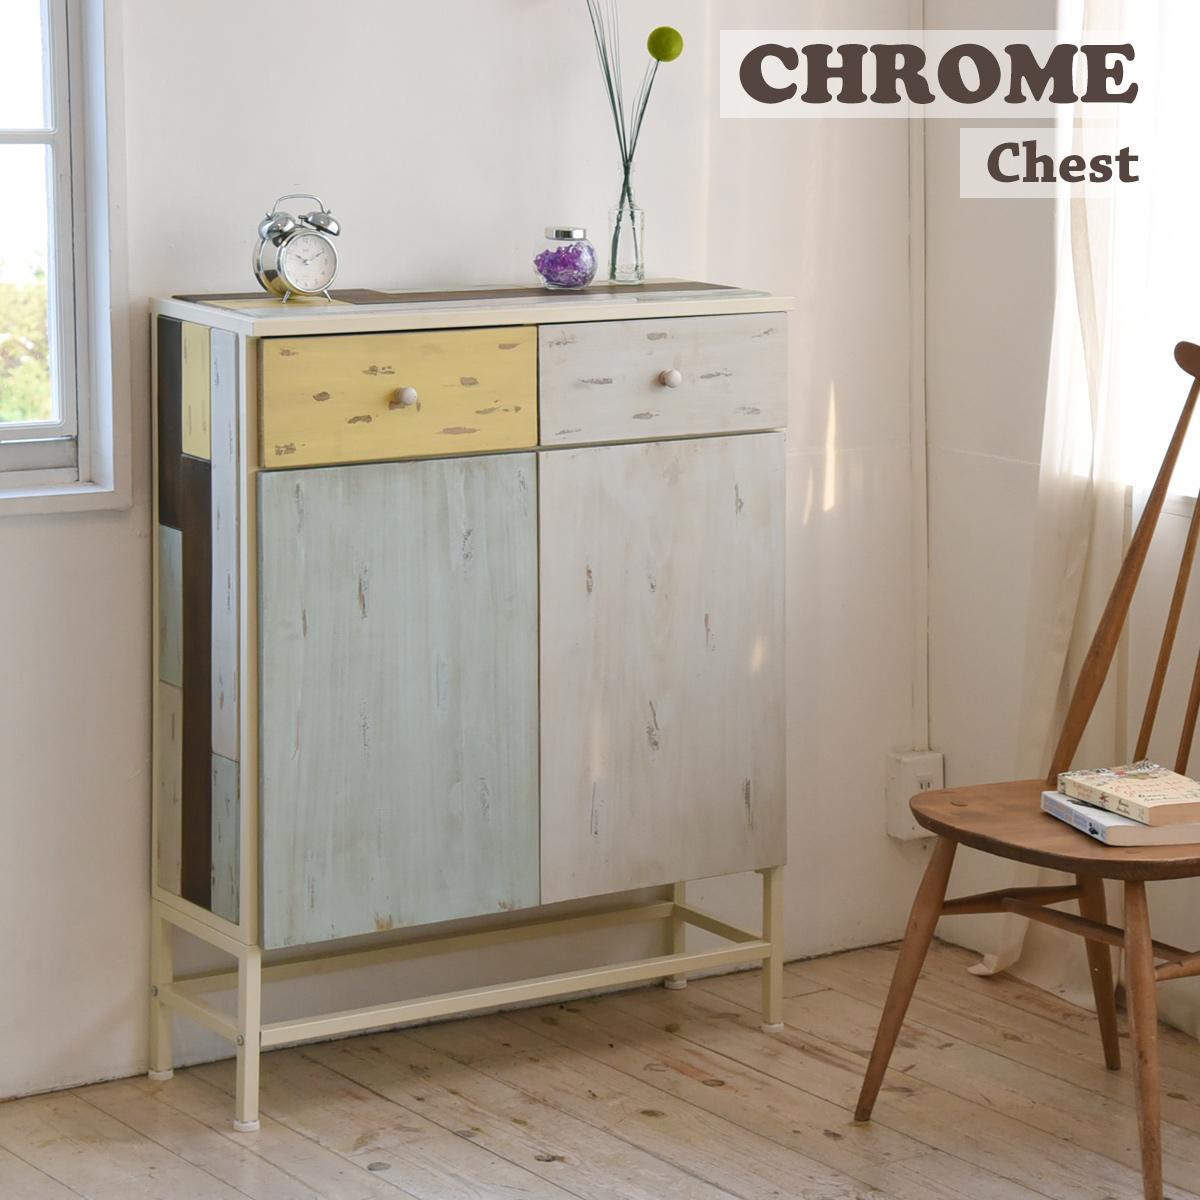 【送料無料】 【メーカー直送・代引不可】CHROME チェスト